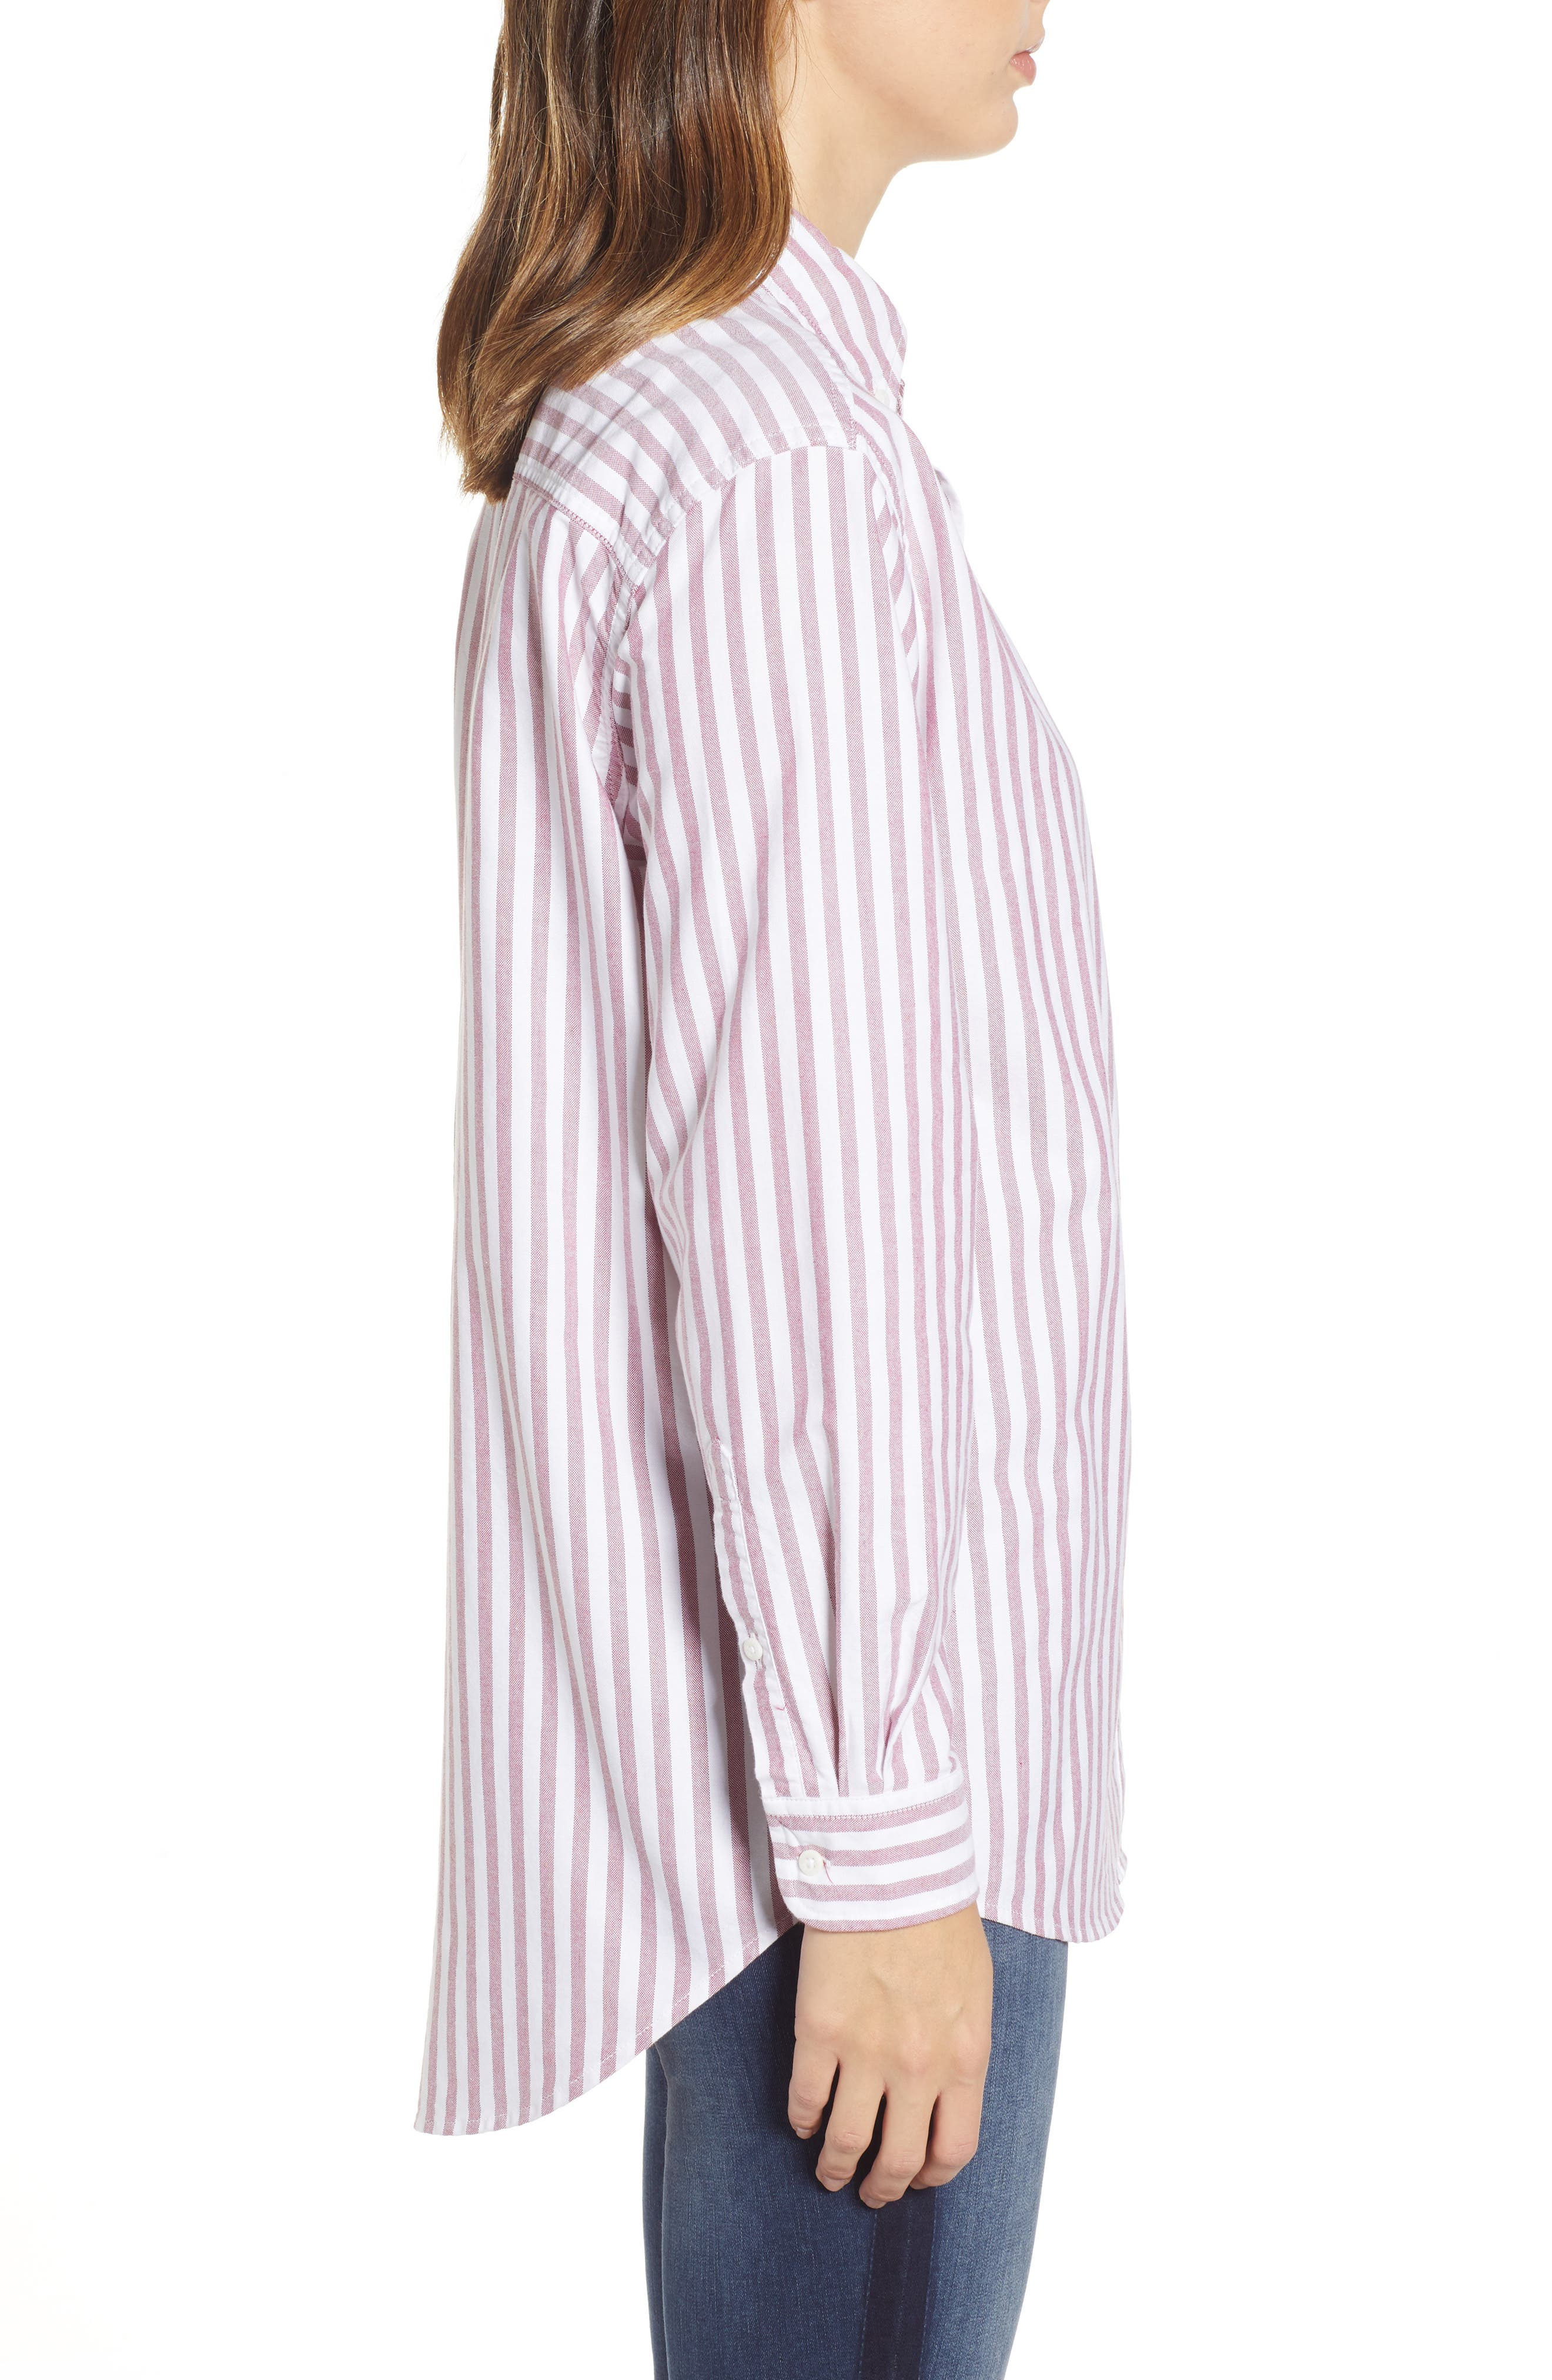 TJW Classics Stripe Shirt,                             Alternate thumbnail 3, color,                             RUMBA RED / BRIGHT WHITE